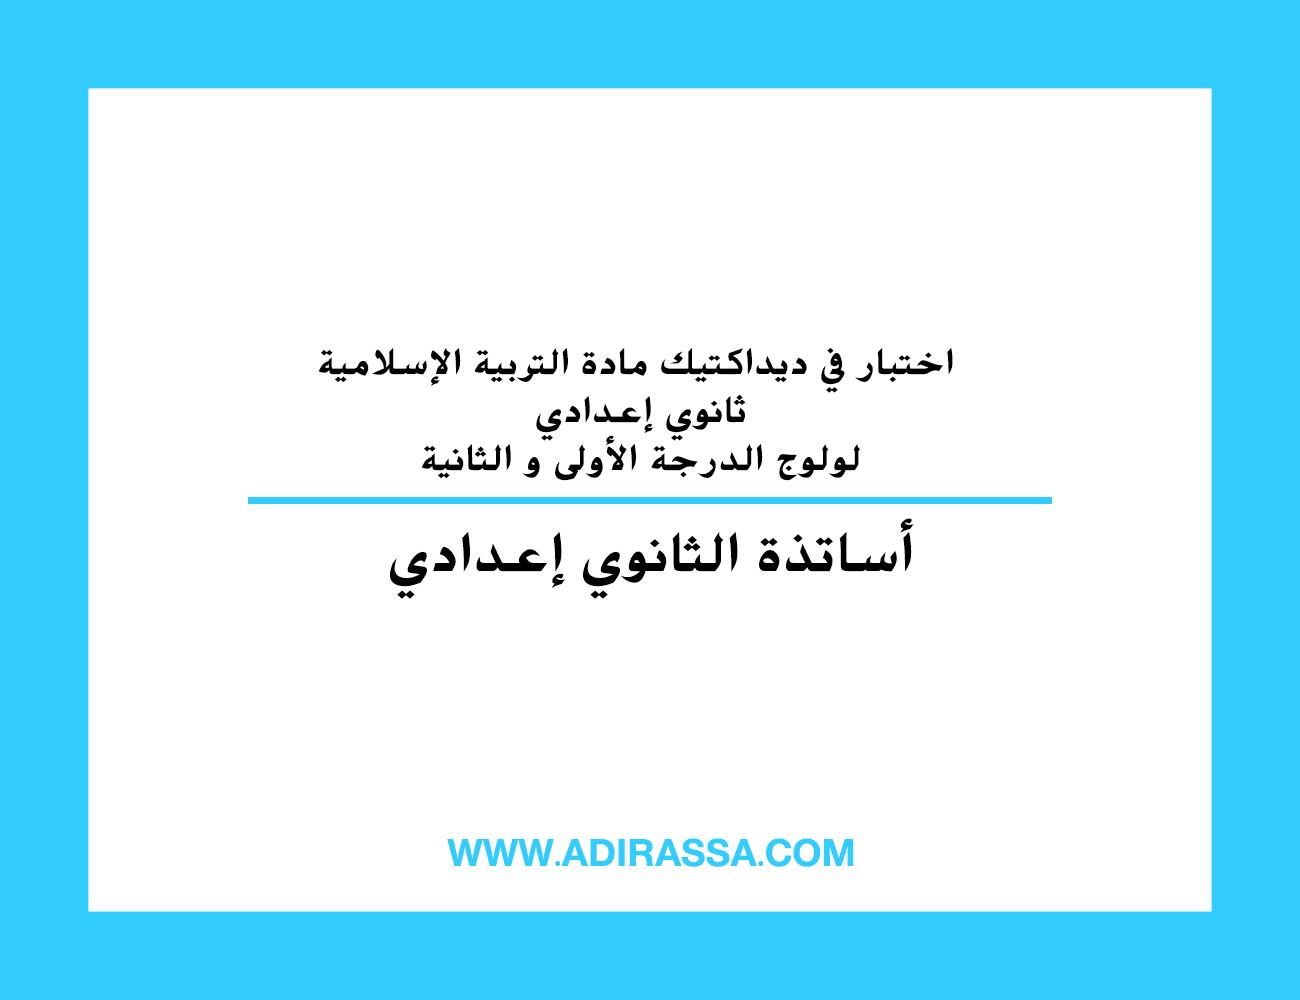 اختبار في ديداكتيك مادة التربية الإسلامية ثانوي إعدادي لولوج الدرجة الأولى و الثانية